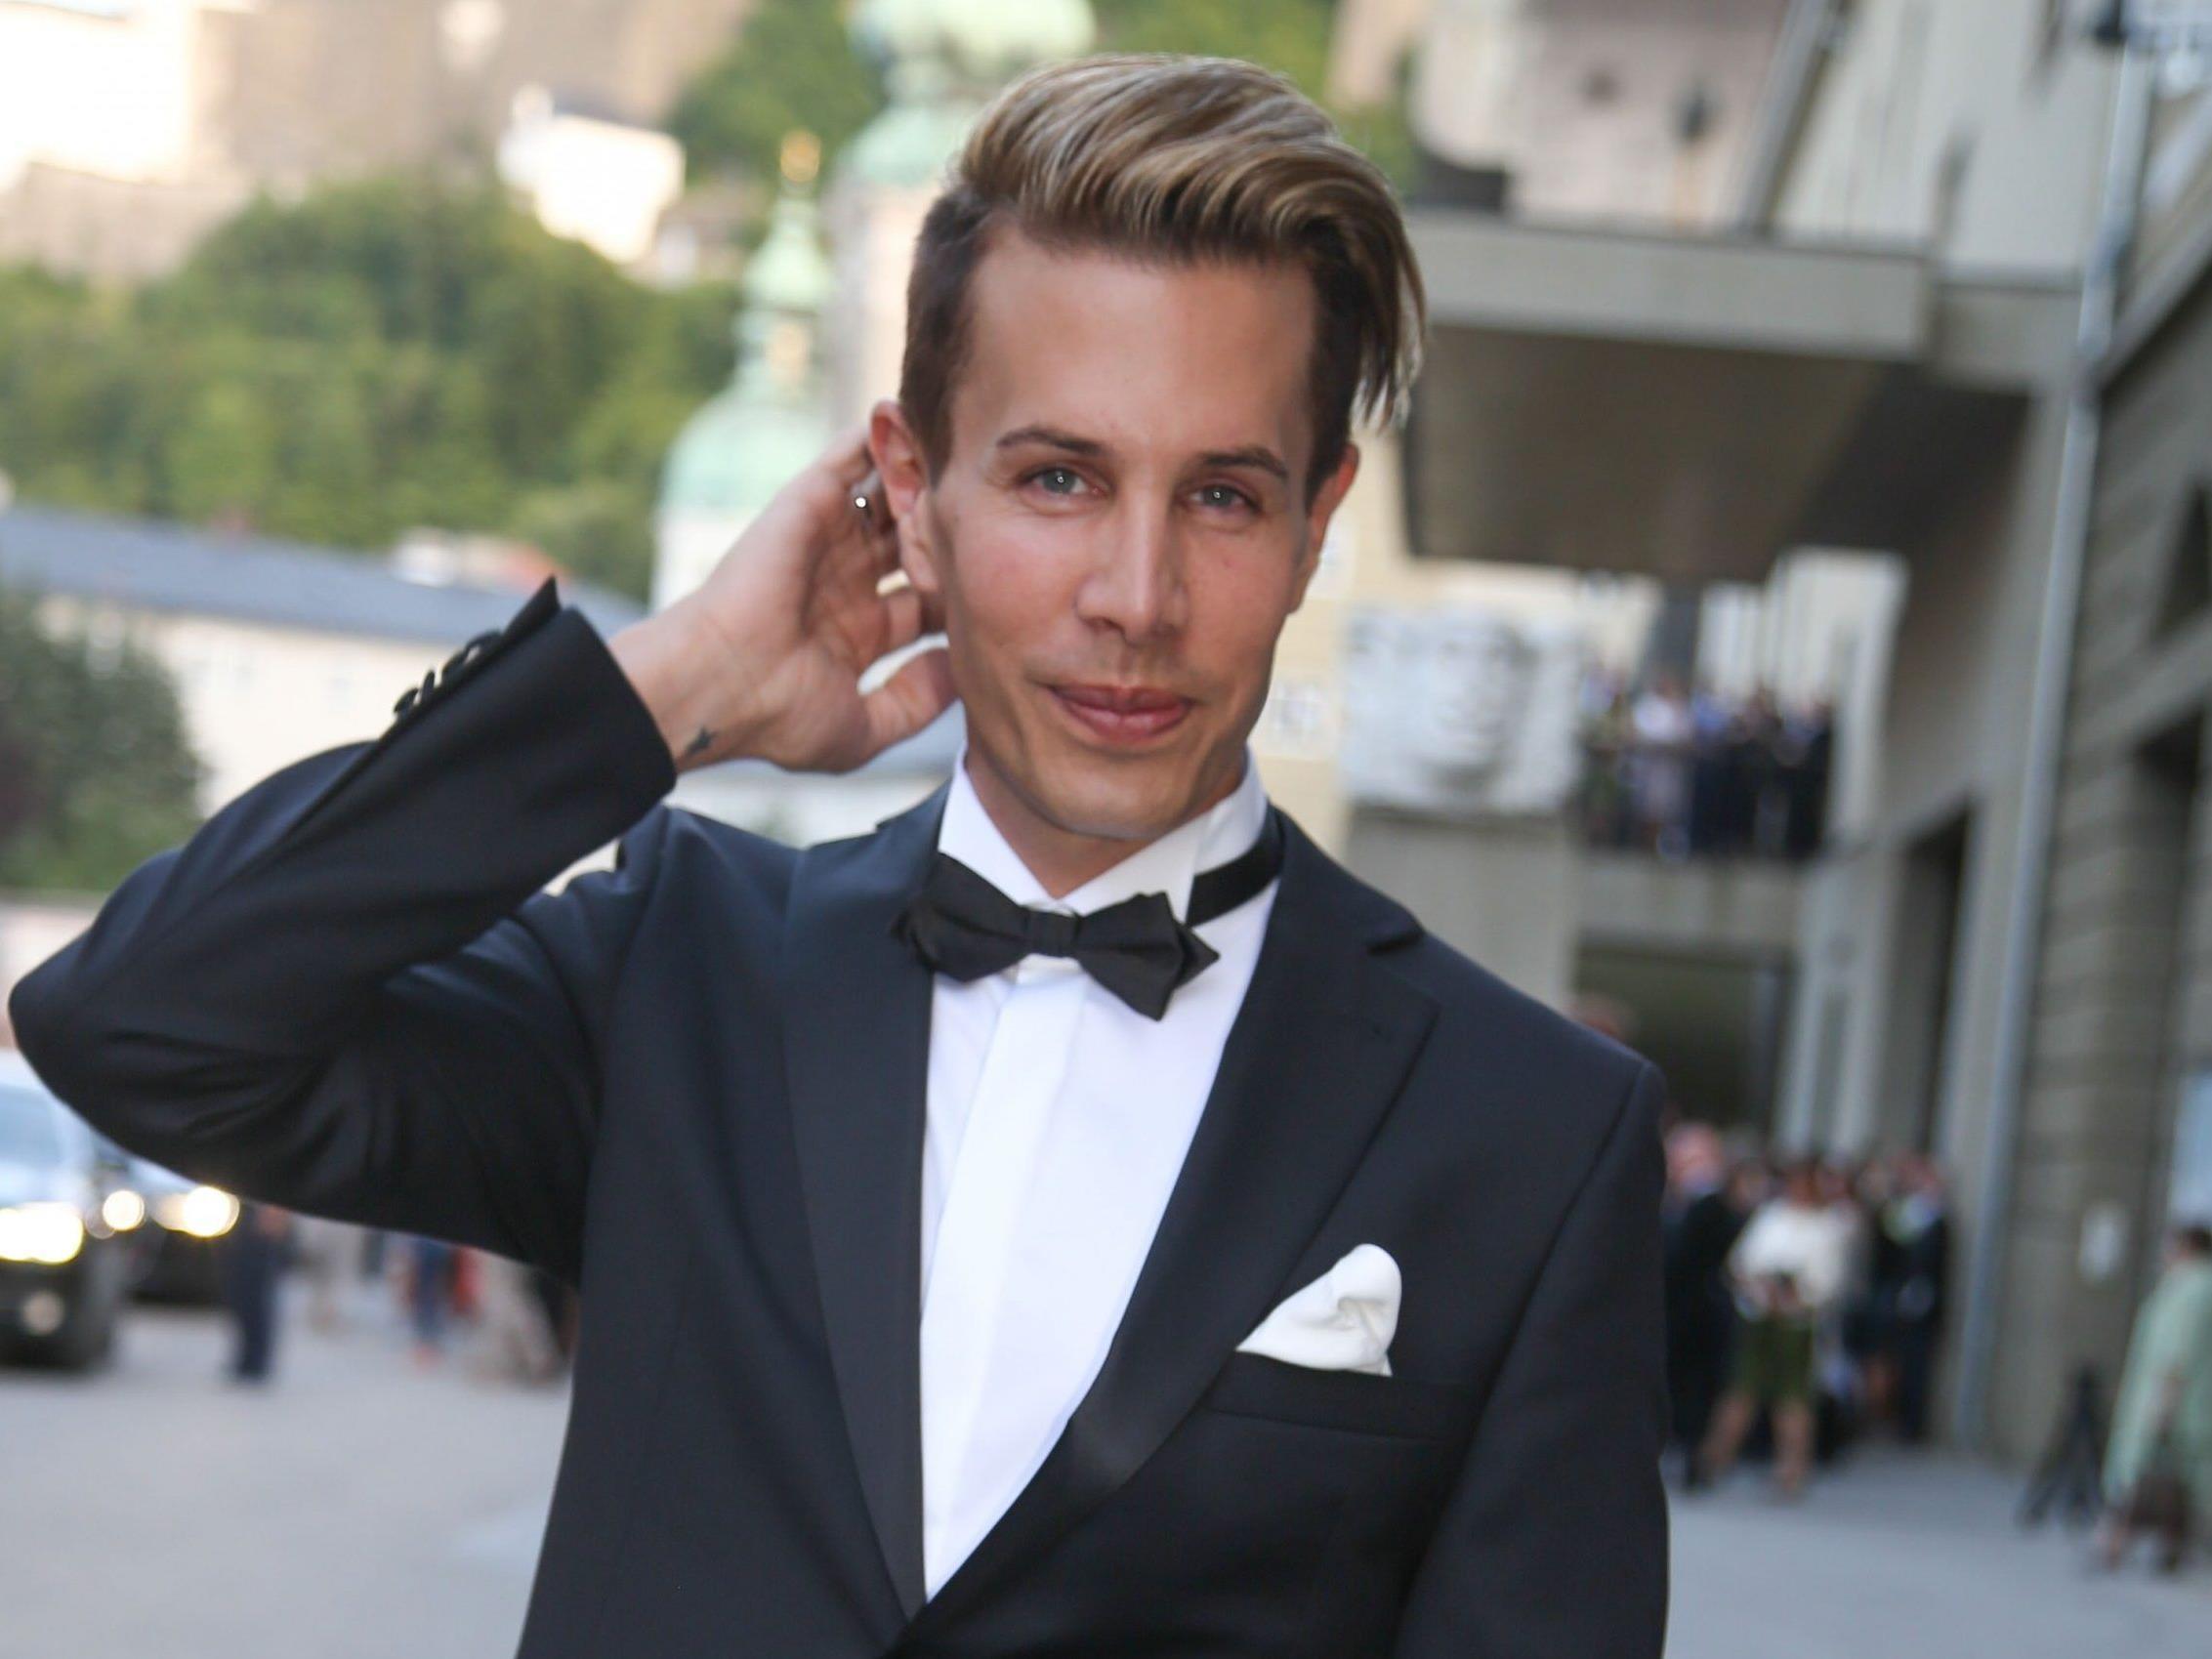 Florian Wess gibt am Montag auf der Wiener Kärntner Straße eine Autogrammstunde.